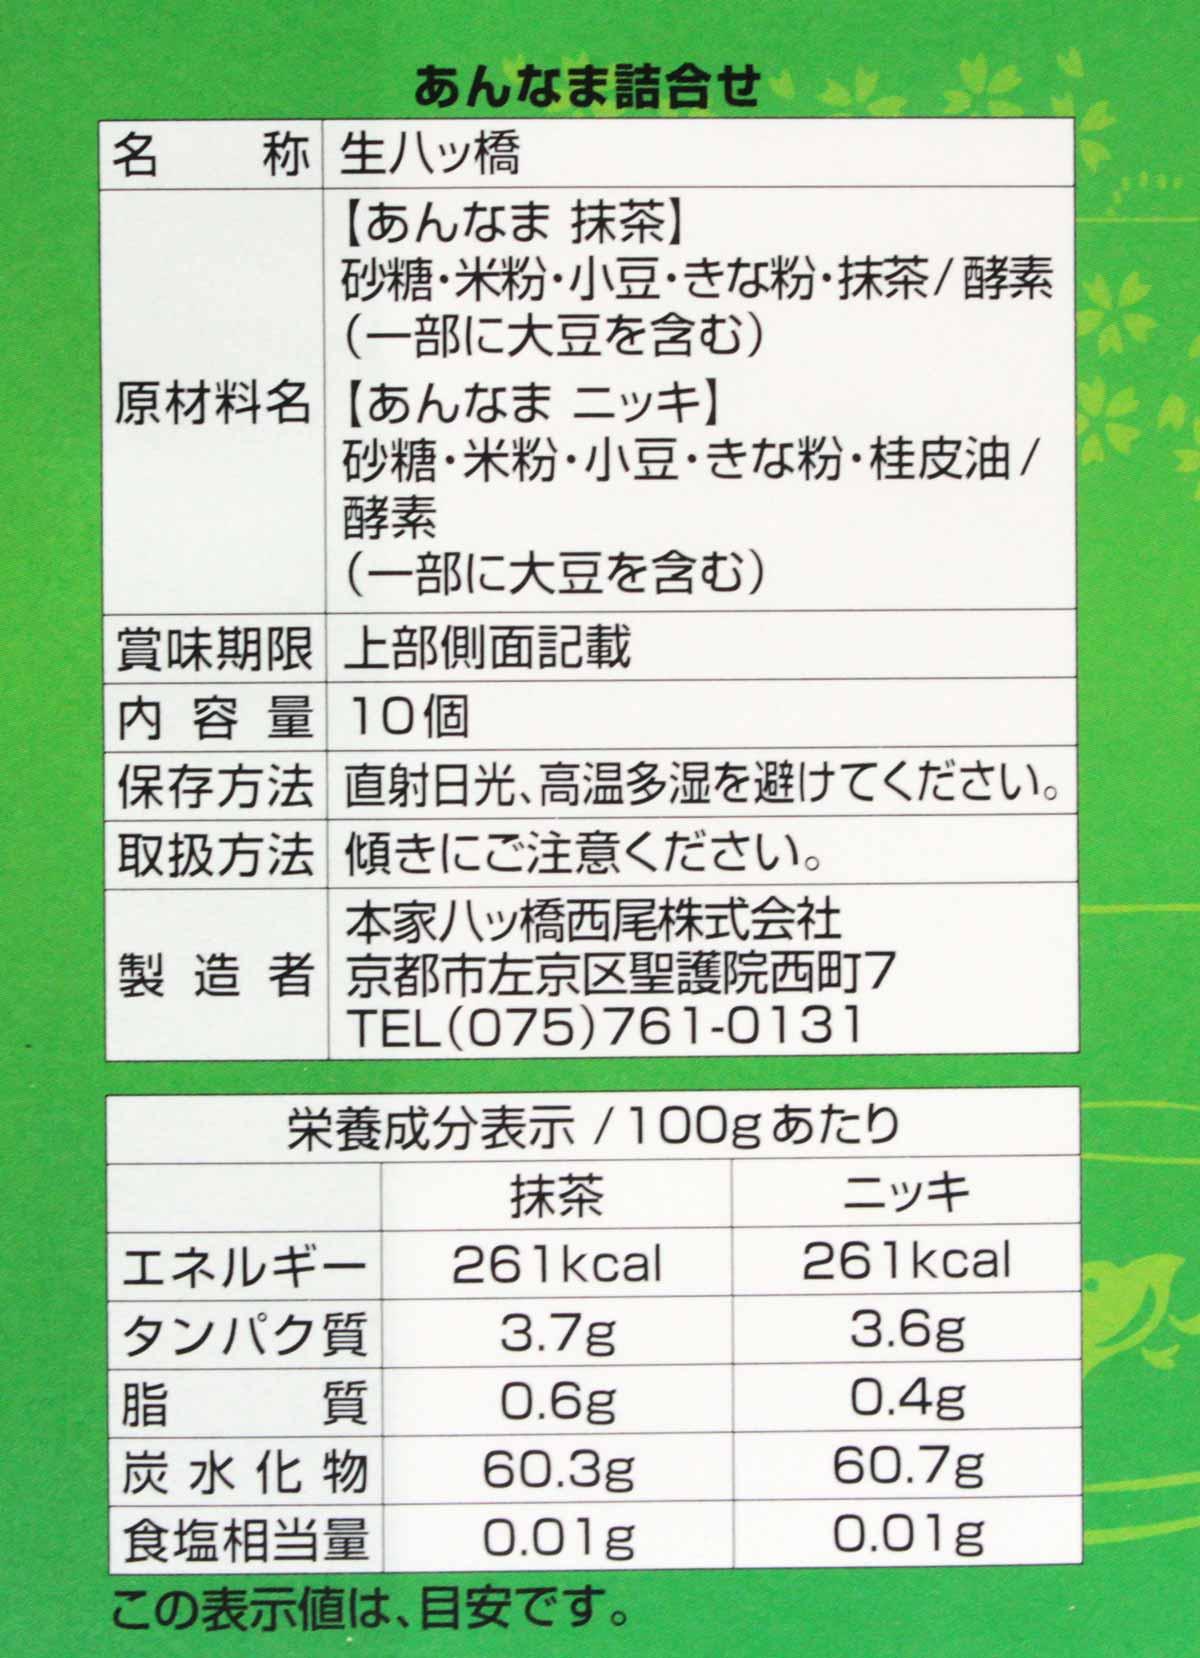 あんなま(抹茶・ニッキ)の食品表示